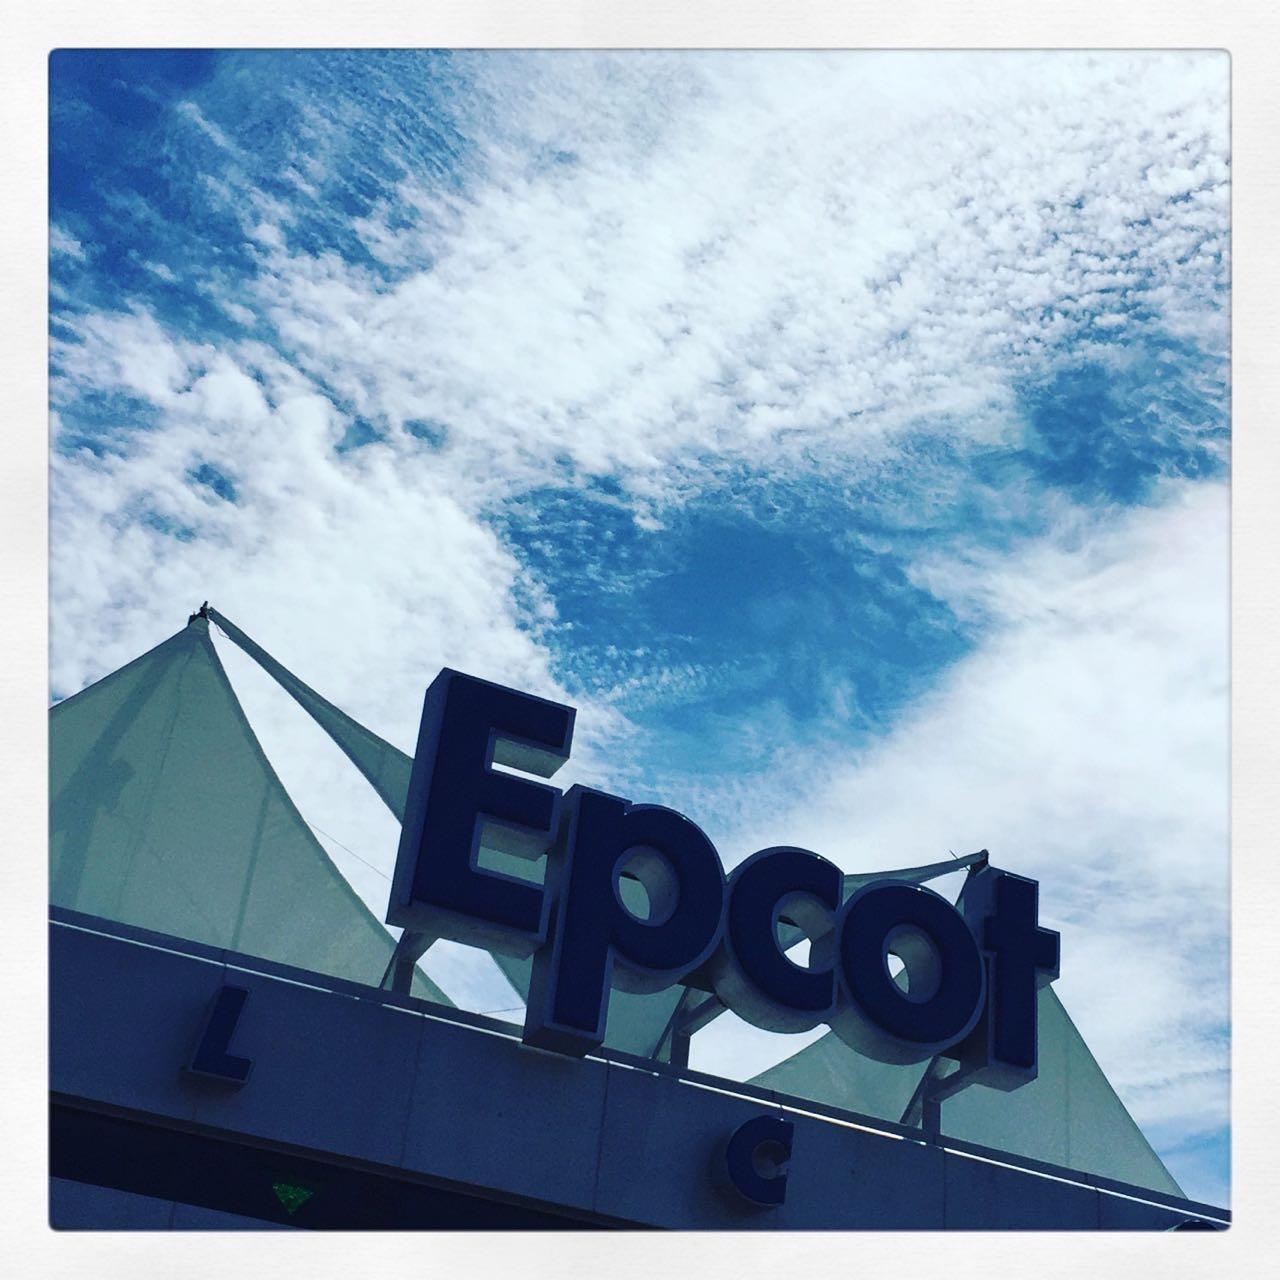 Epcot Flower & Garden 2016